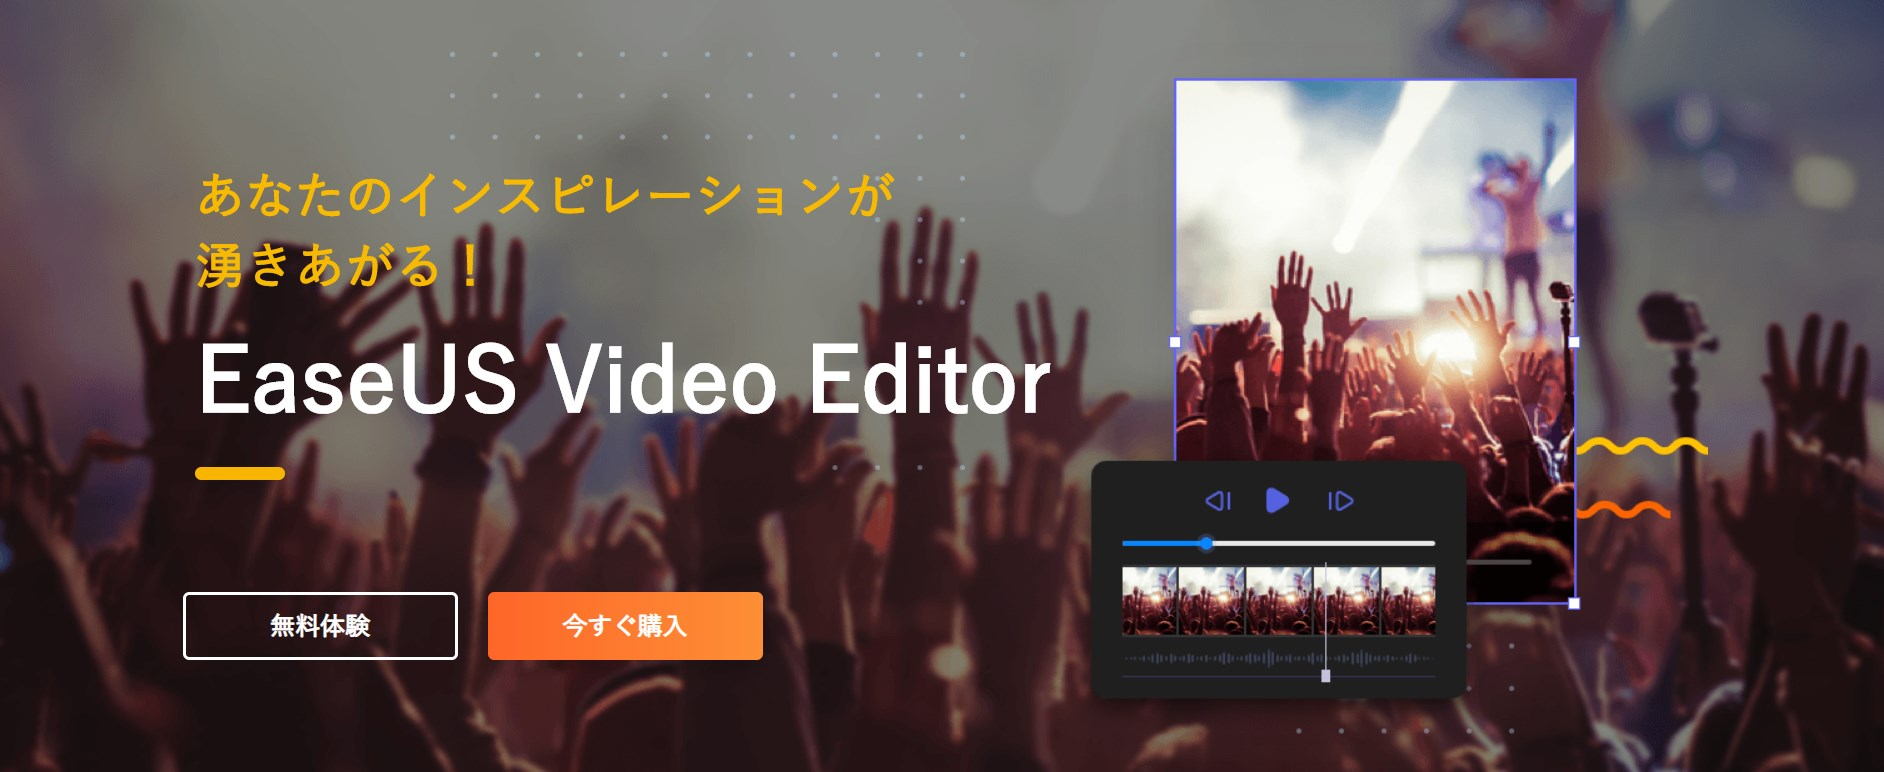 初心者でも扱いやすい動画編集ソフト『EaseUS Video Editor』レビュー【AD】